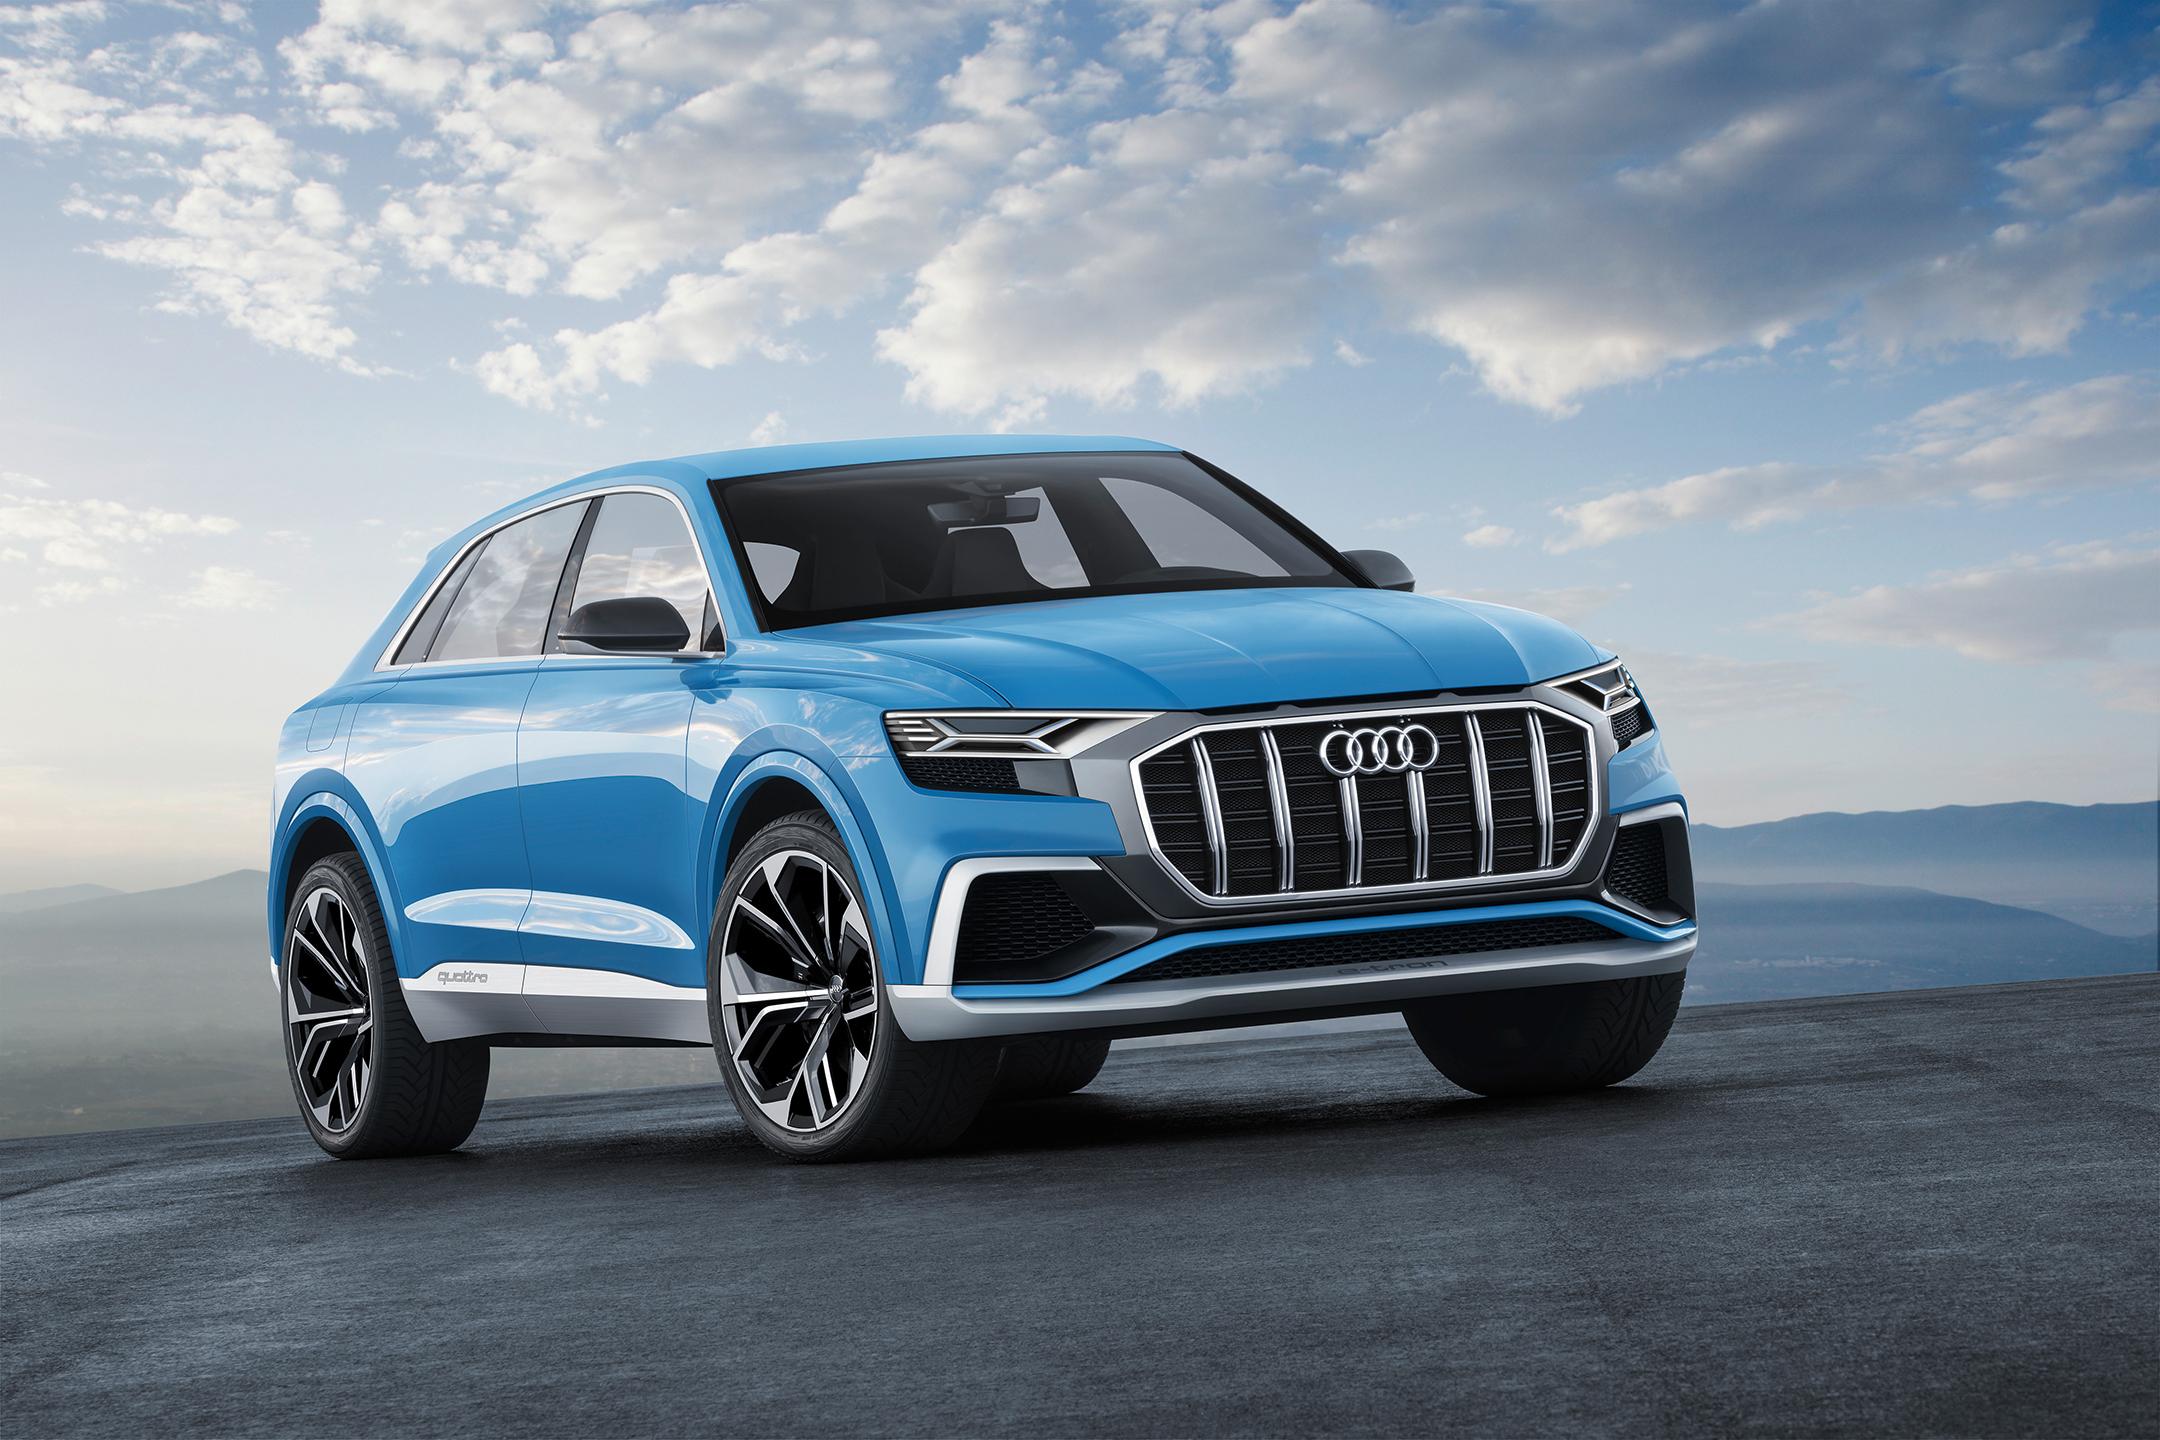 Audi Q8 concept - NAIAS 2017 - avant / front